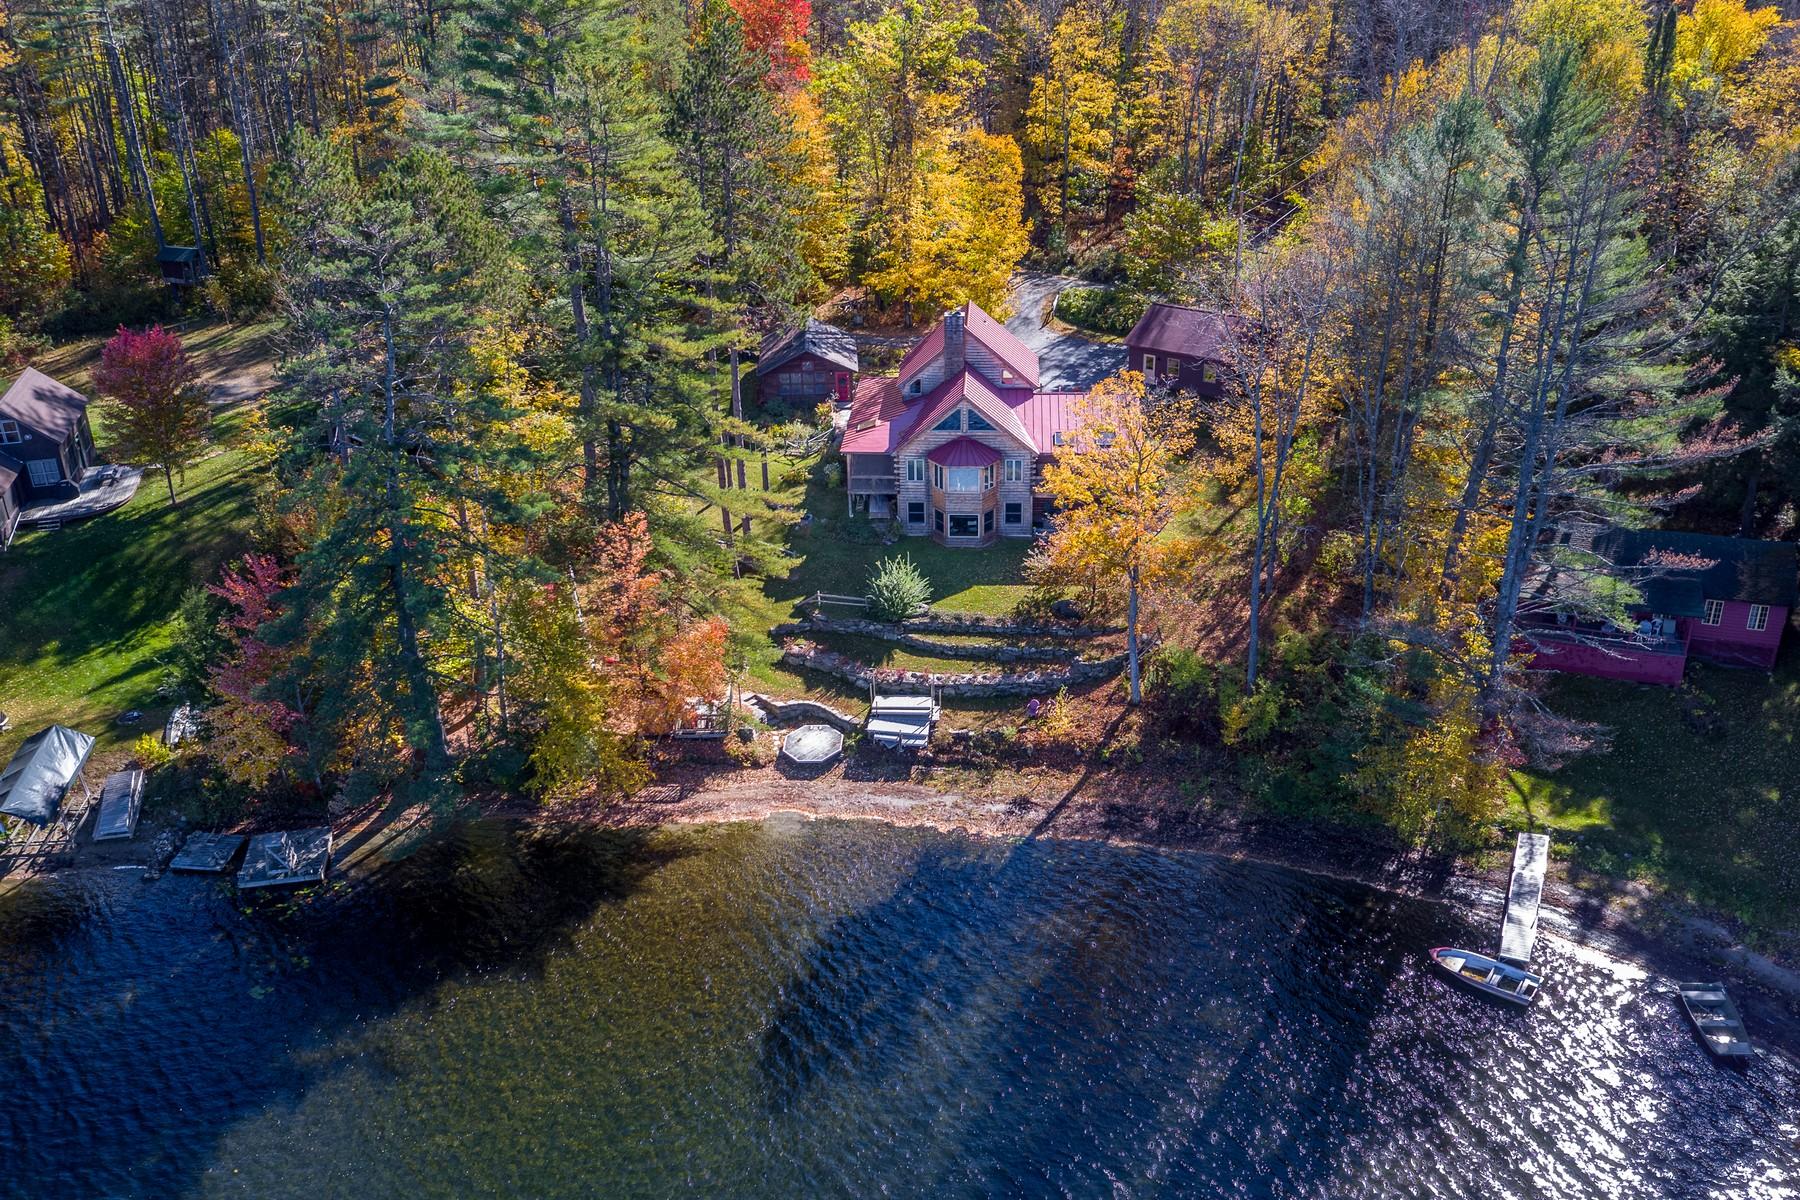 Villa per Vendita alle ore 286 Bragg Road, Thetford 286 Bragg Rd Thetford, Vermont, 05075 Stati Uniti